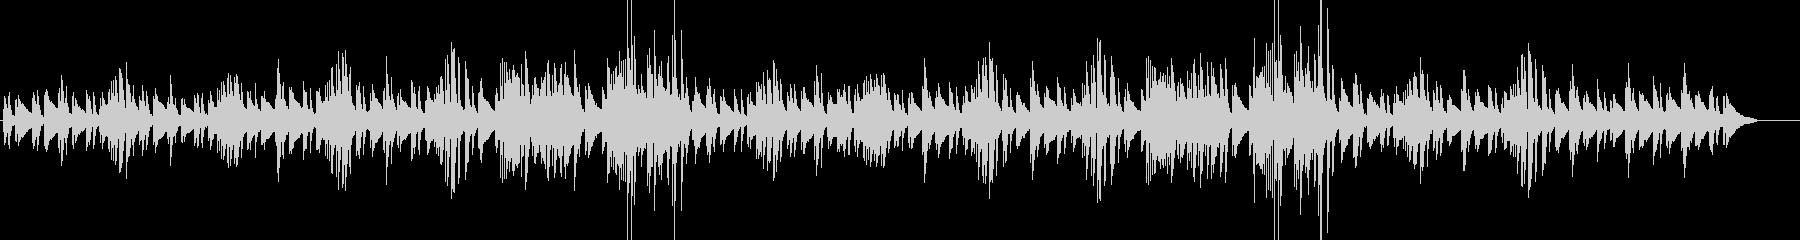 森・散歩・少し不思議なほのぼのピアノソロの未再生の波形